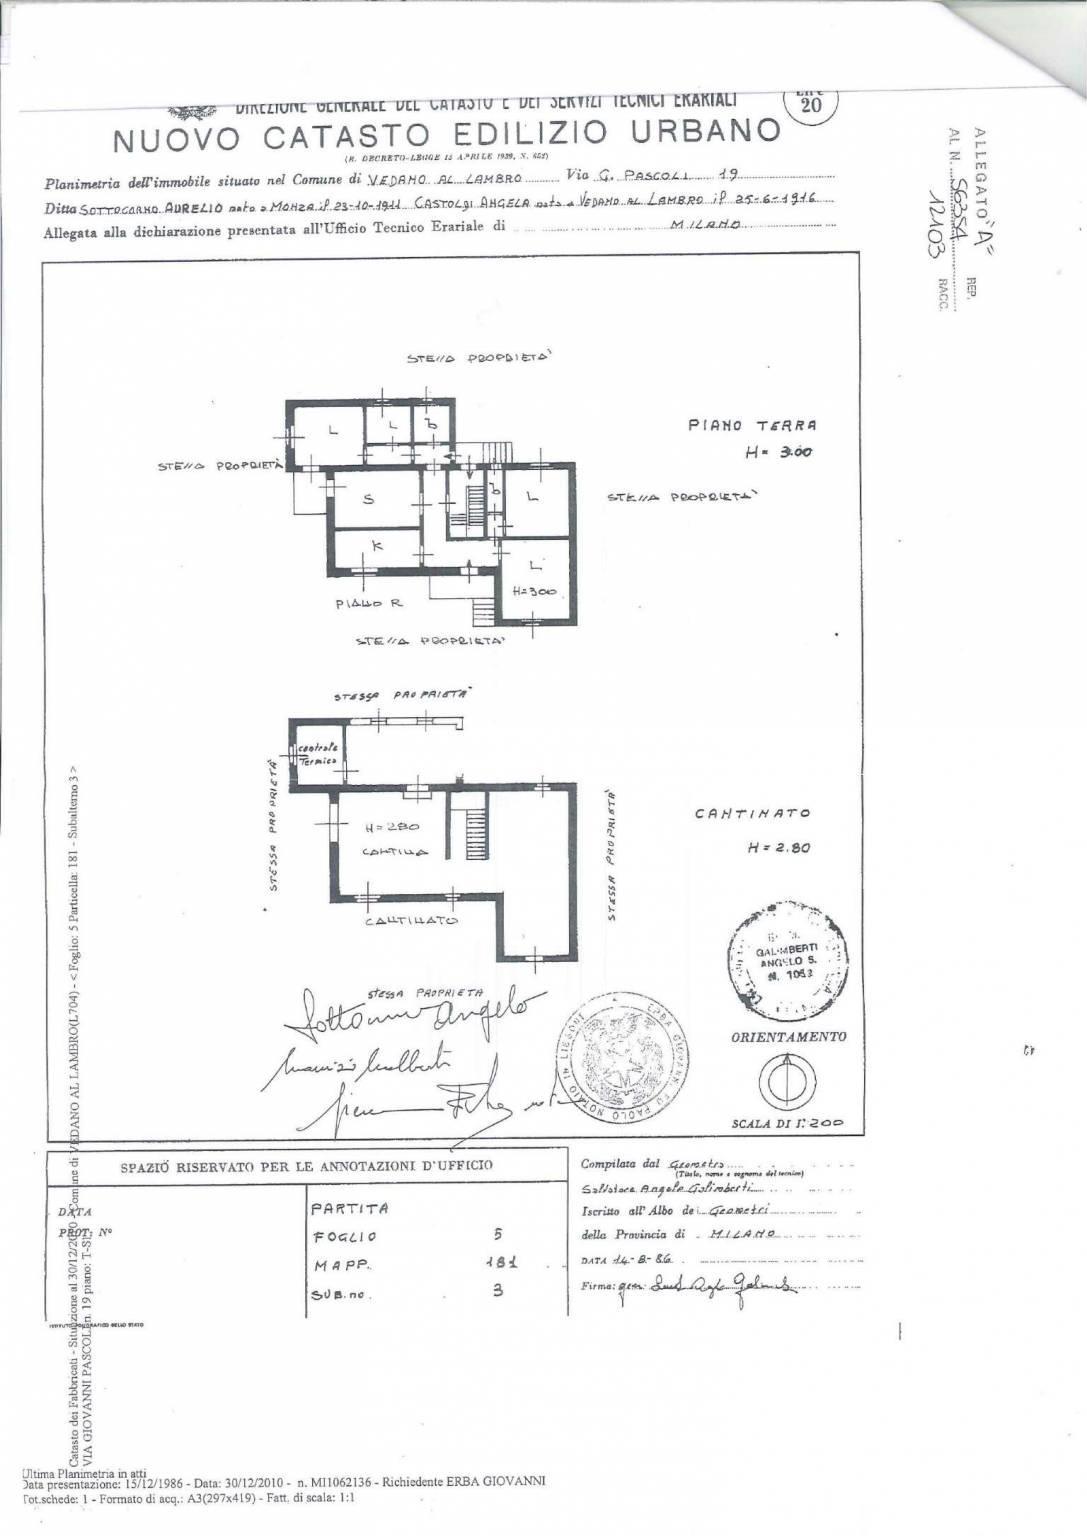 Foto 20 - Villa in Vendita - Vedano al Lambro (Monza e Brianza)